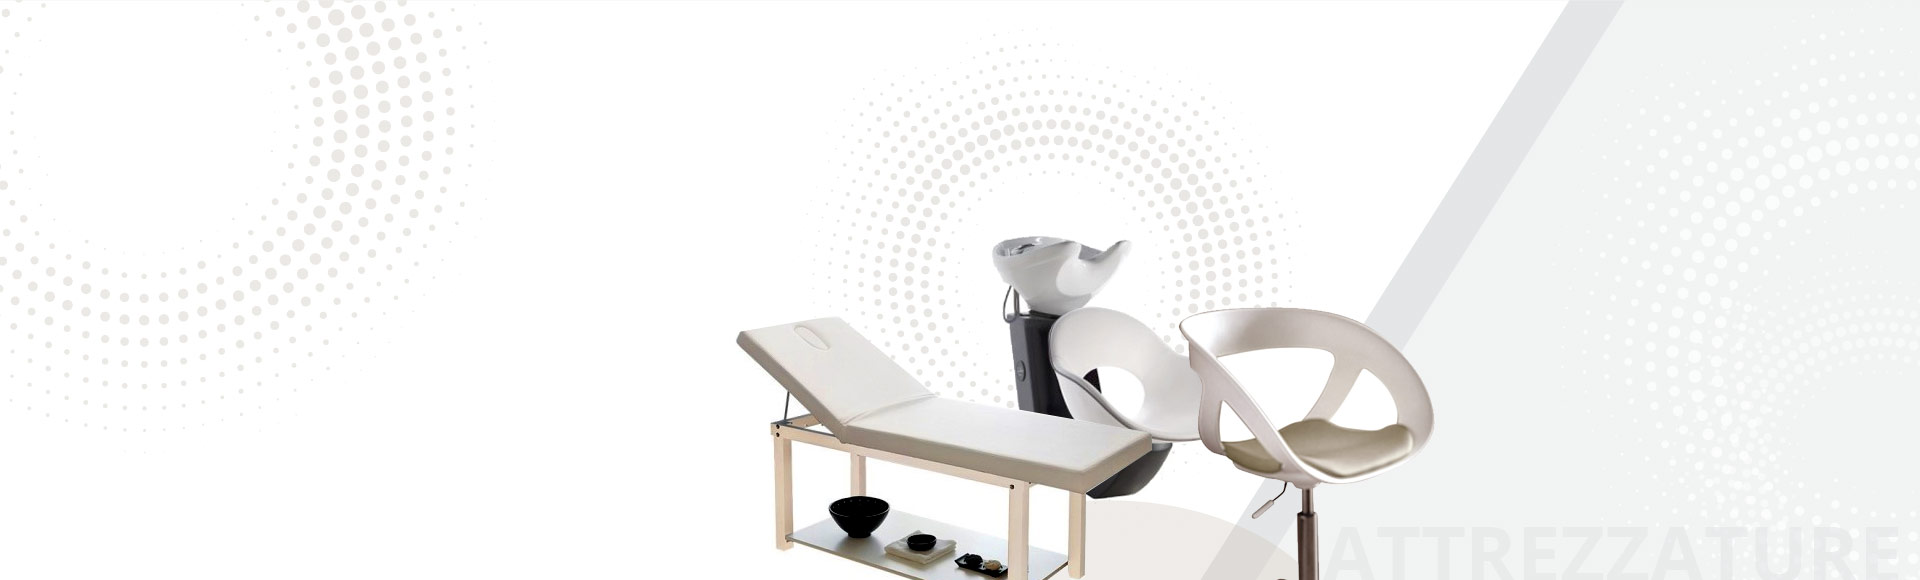 hotelspa-slide07-attrezzature